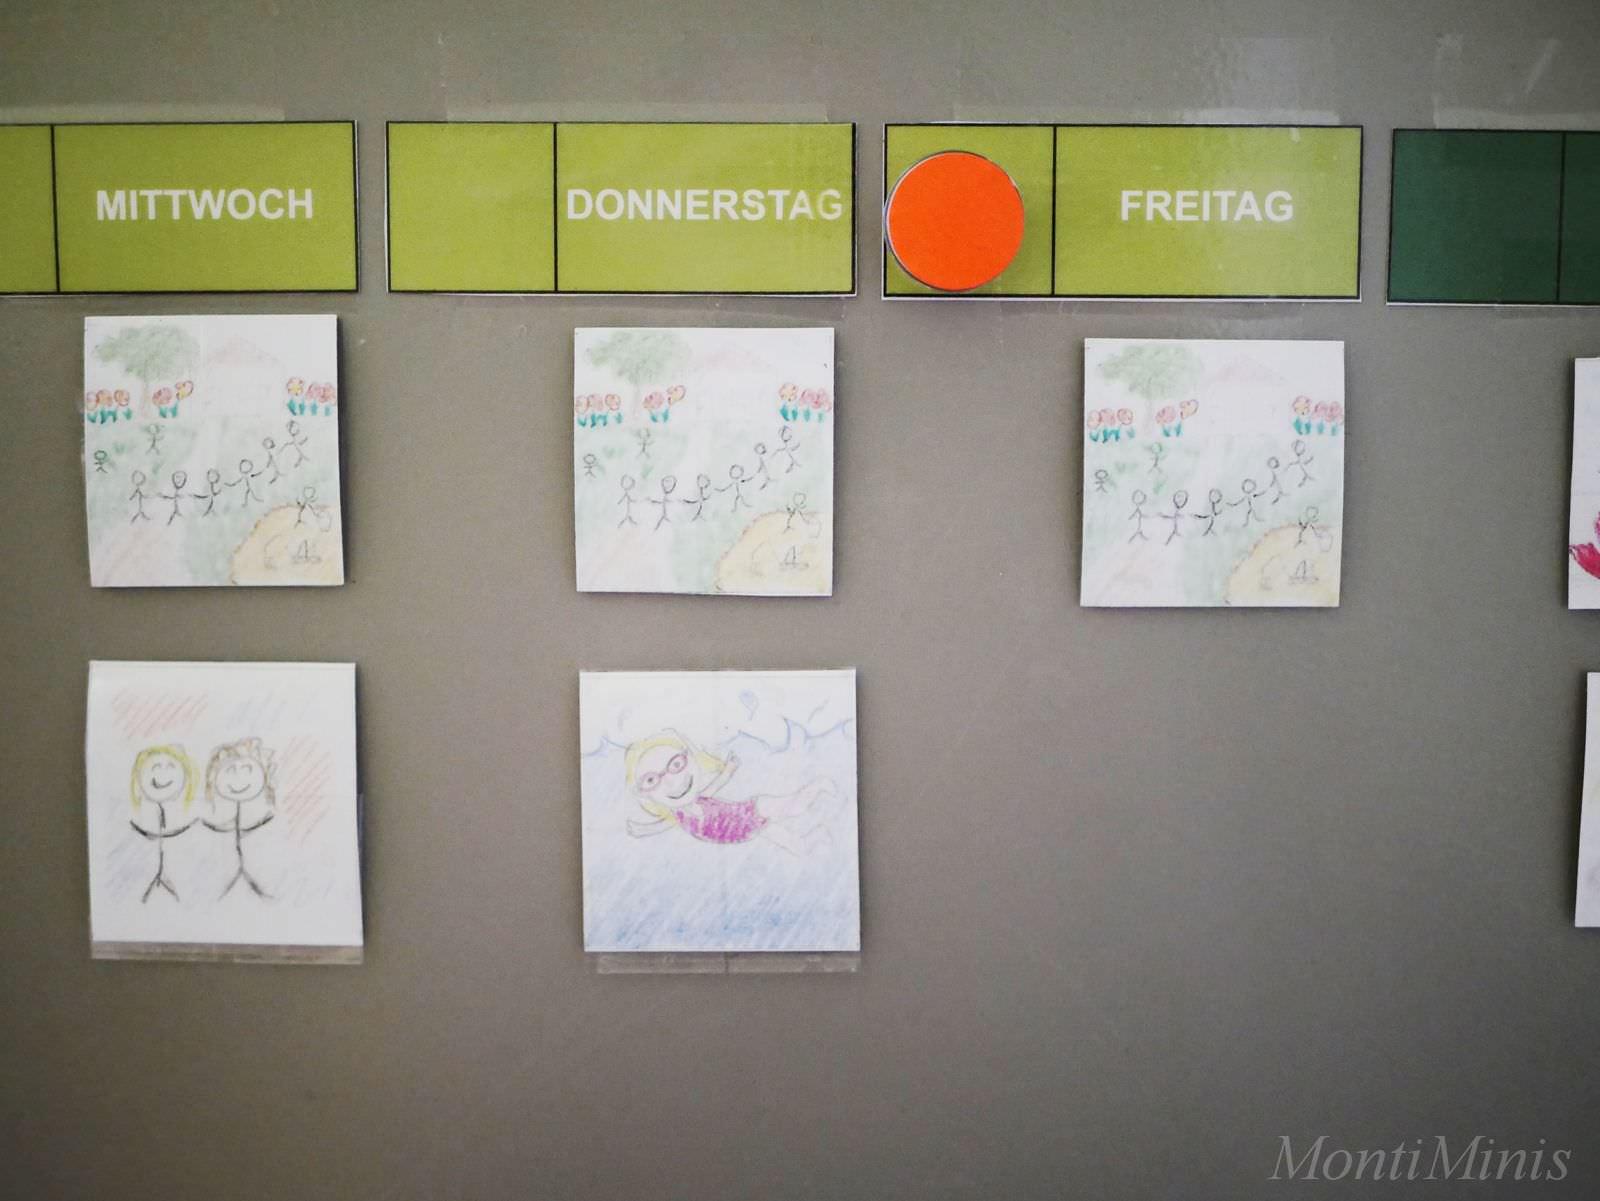 Kühlschrank Jahreskalender : Unser montessori inspirierter diy kalender 2018 montiminis